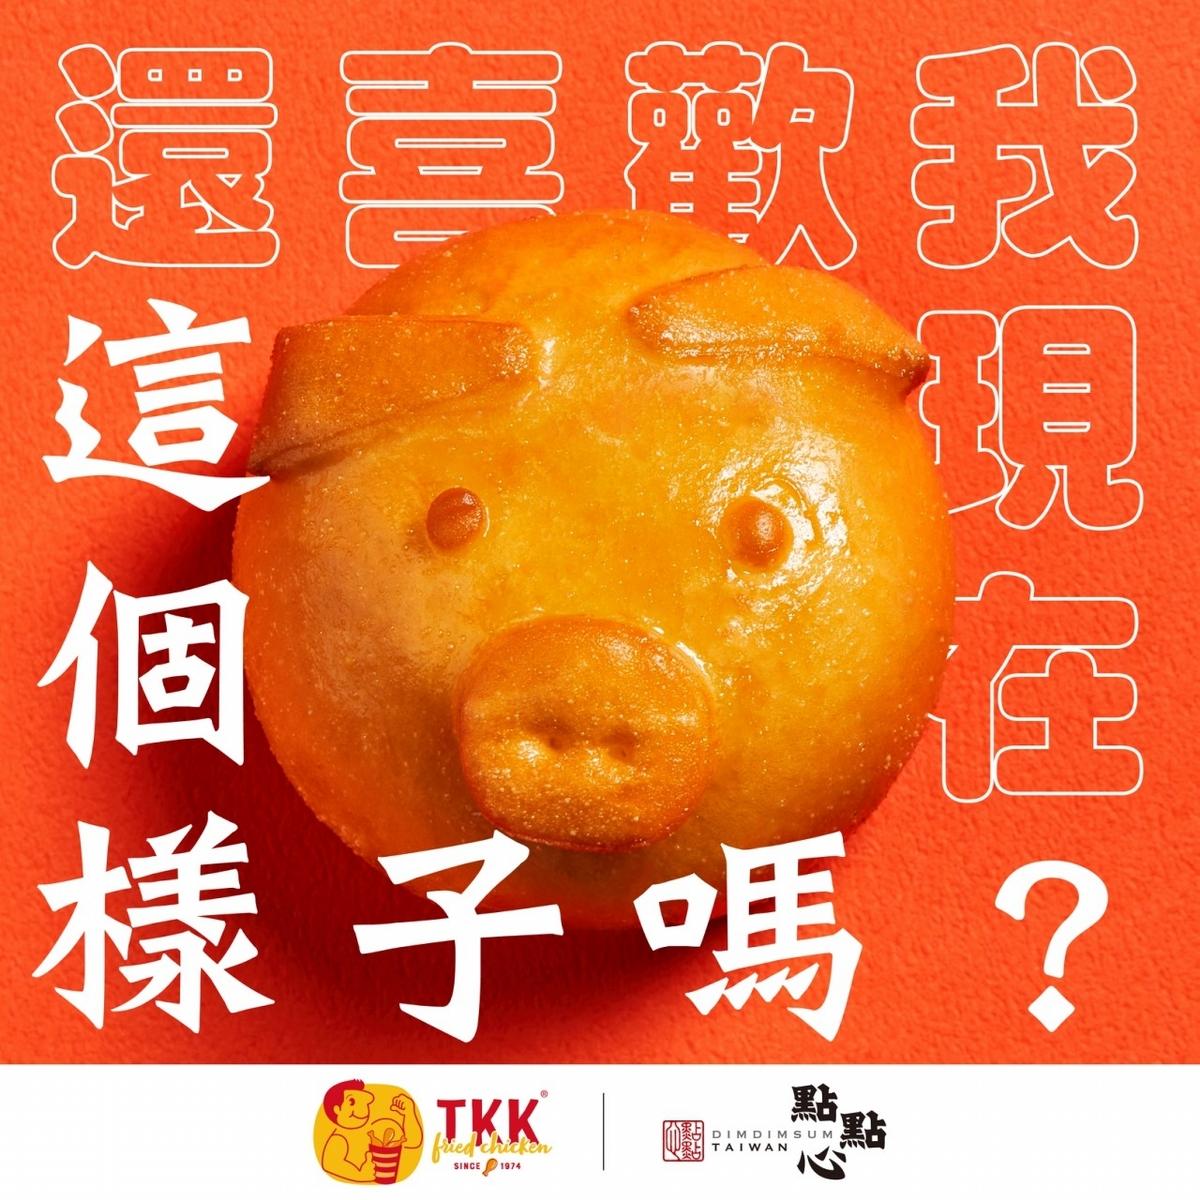 頂呱呱X點點心聯名「呱呱豬仔包」28間門市、Uber Eats限量販售!金黃外皮+爆漿奶皇內餡太欠吃